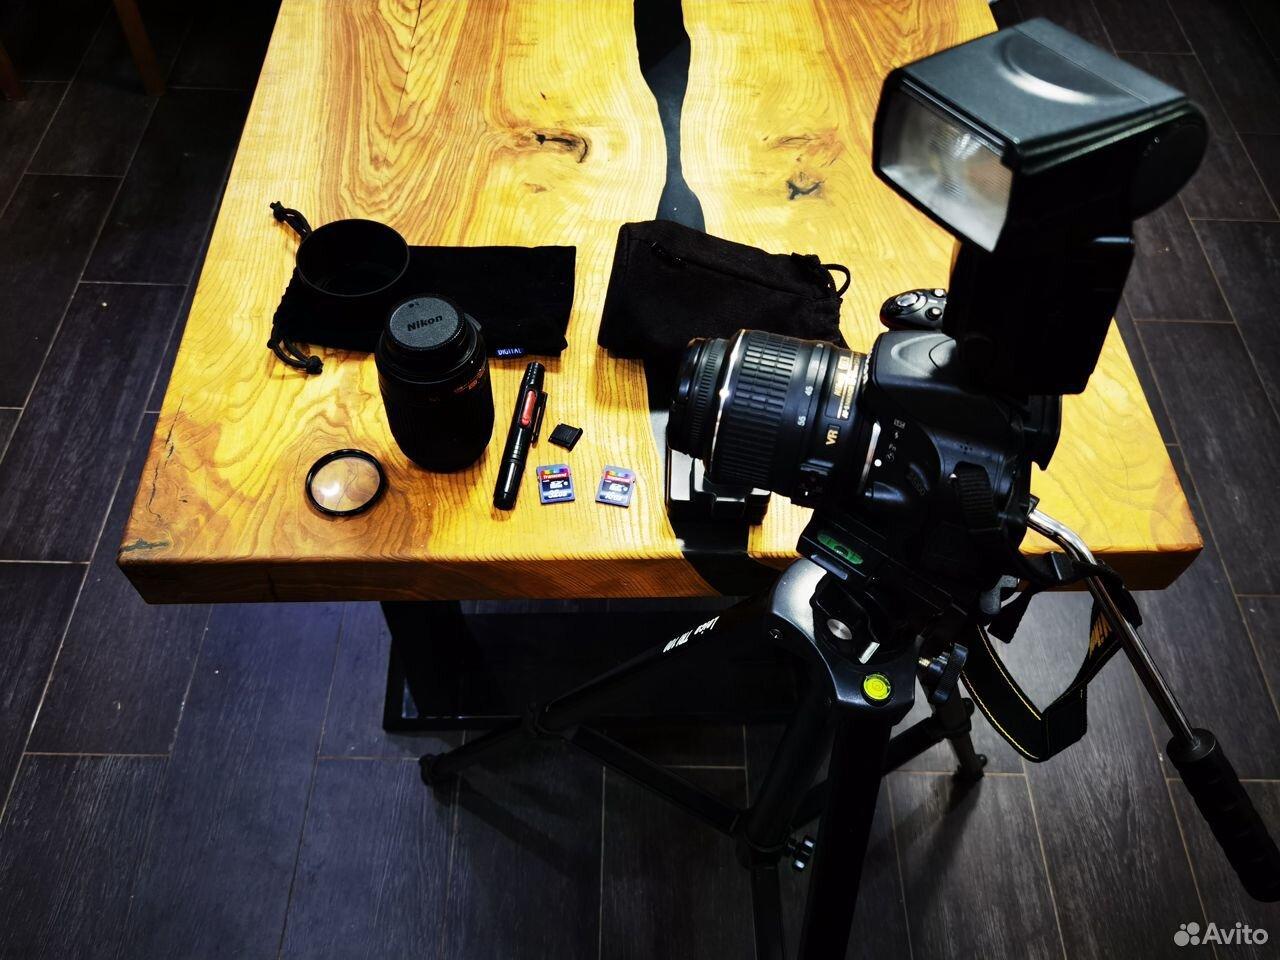 Зеркальный фотоаппарат Nikon D5100 Dauble VR Обмен  89185656006 купить 8